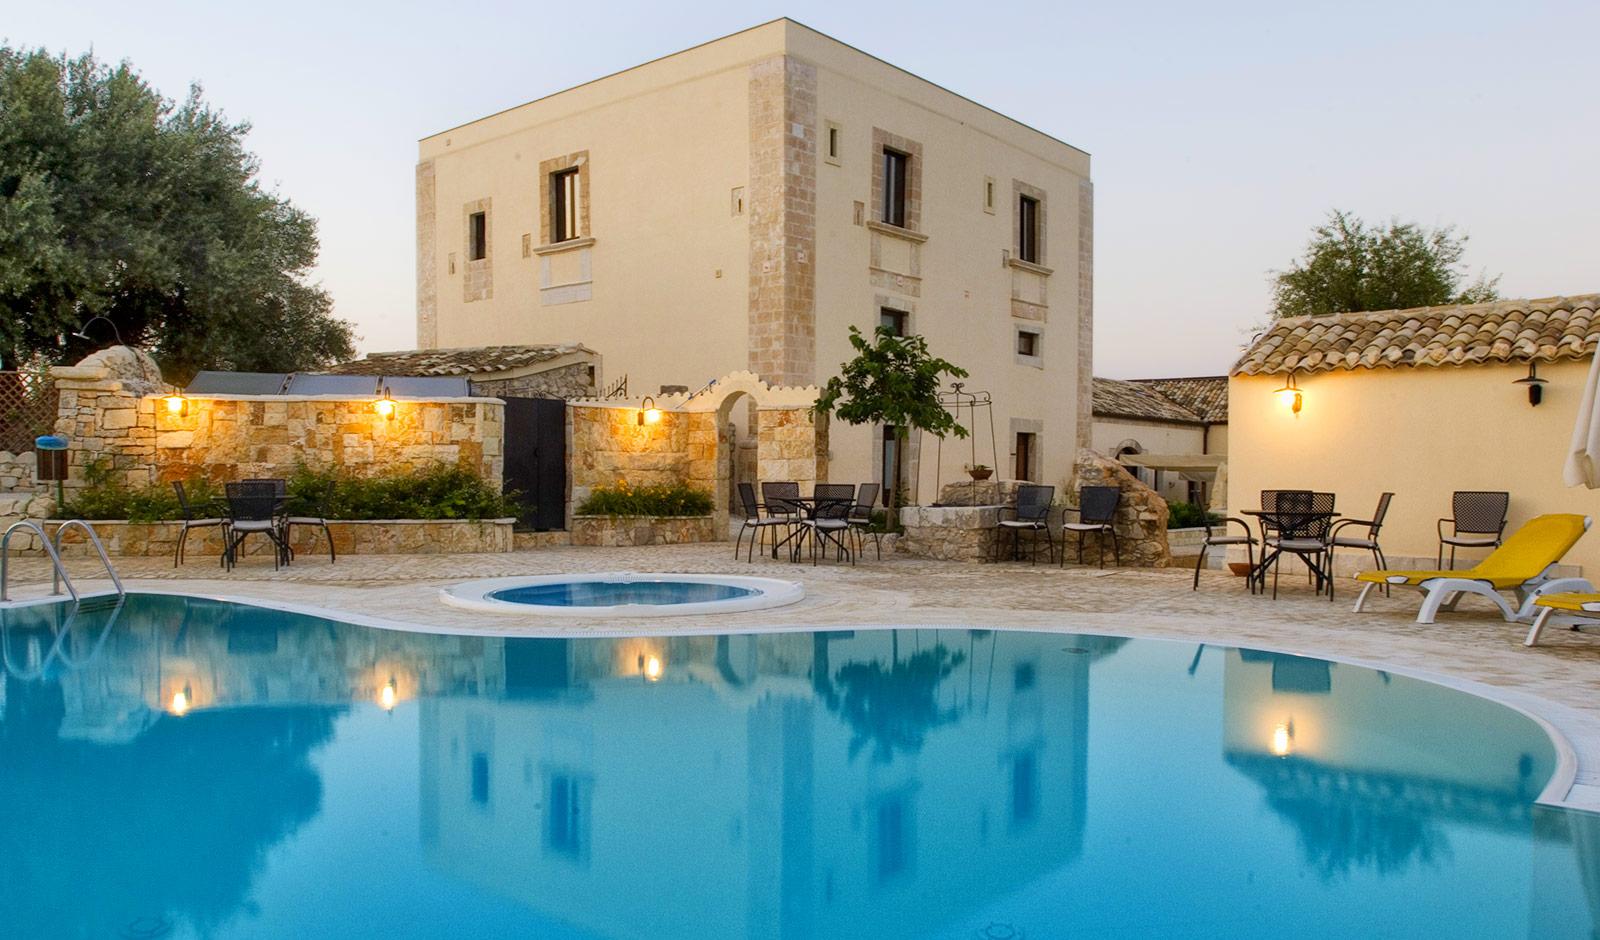 Offerte capodanno agriturismo in sicilia viaggiamo - Agriturismo napoli con piscina ...